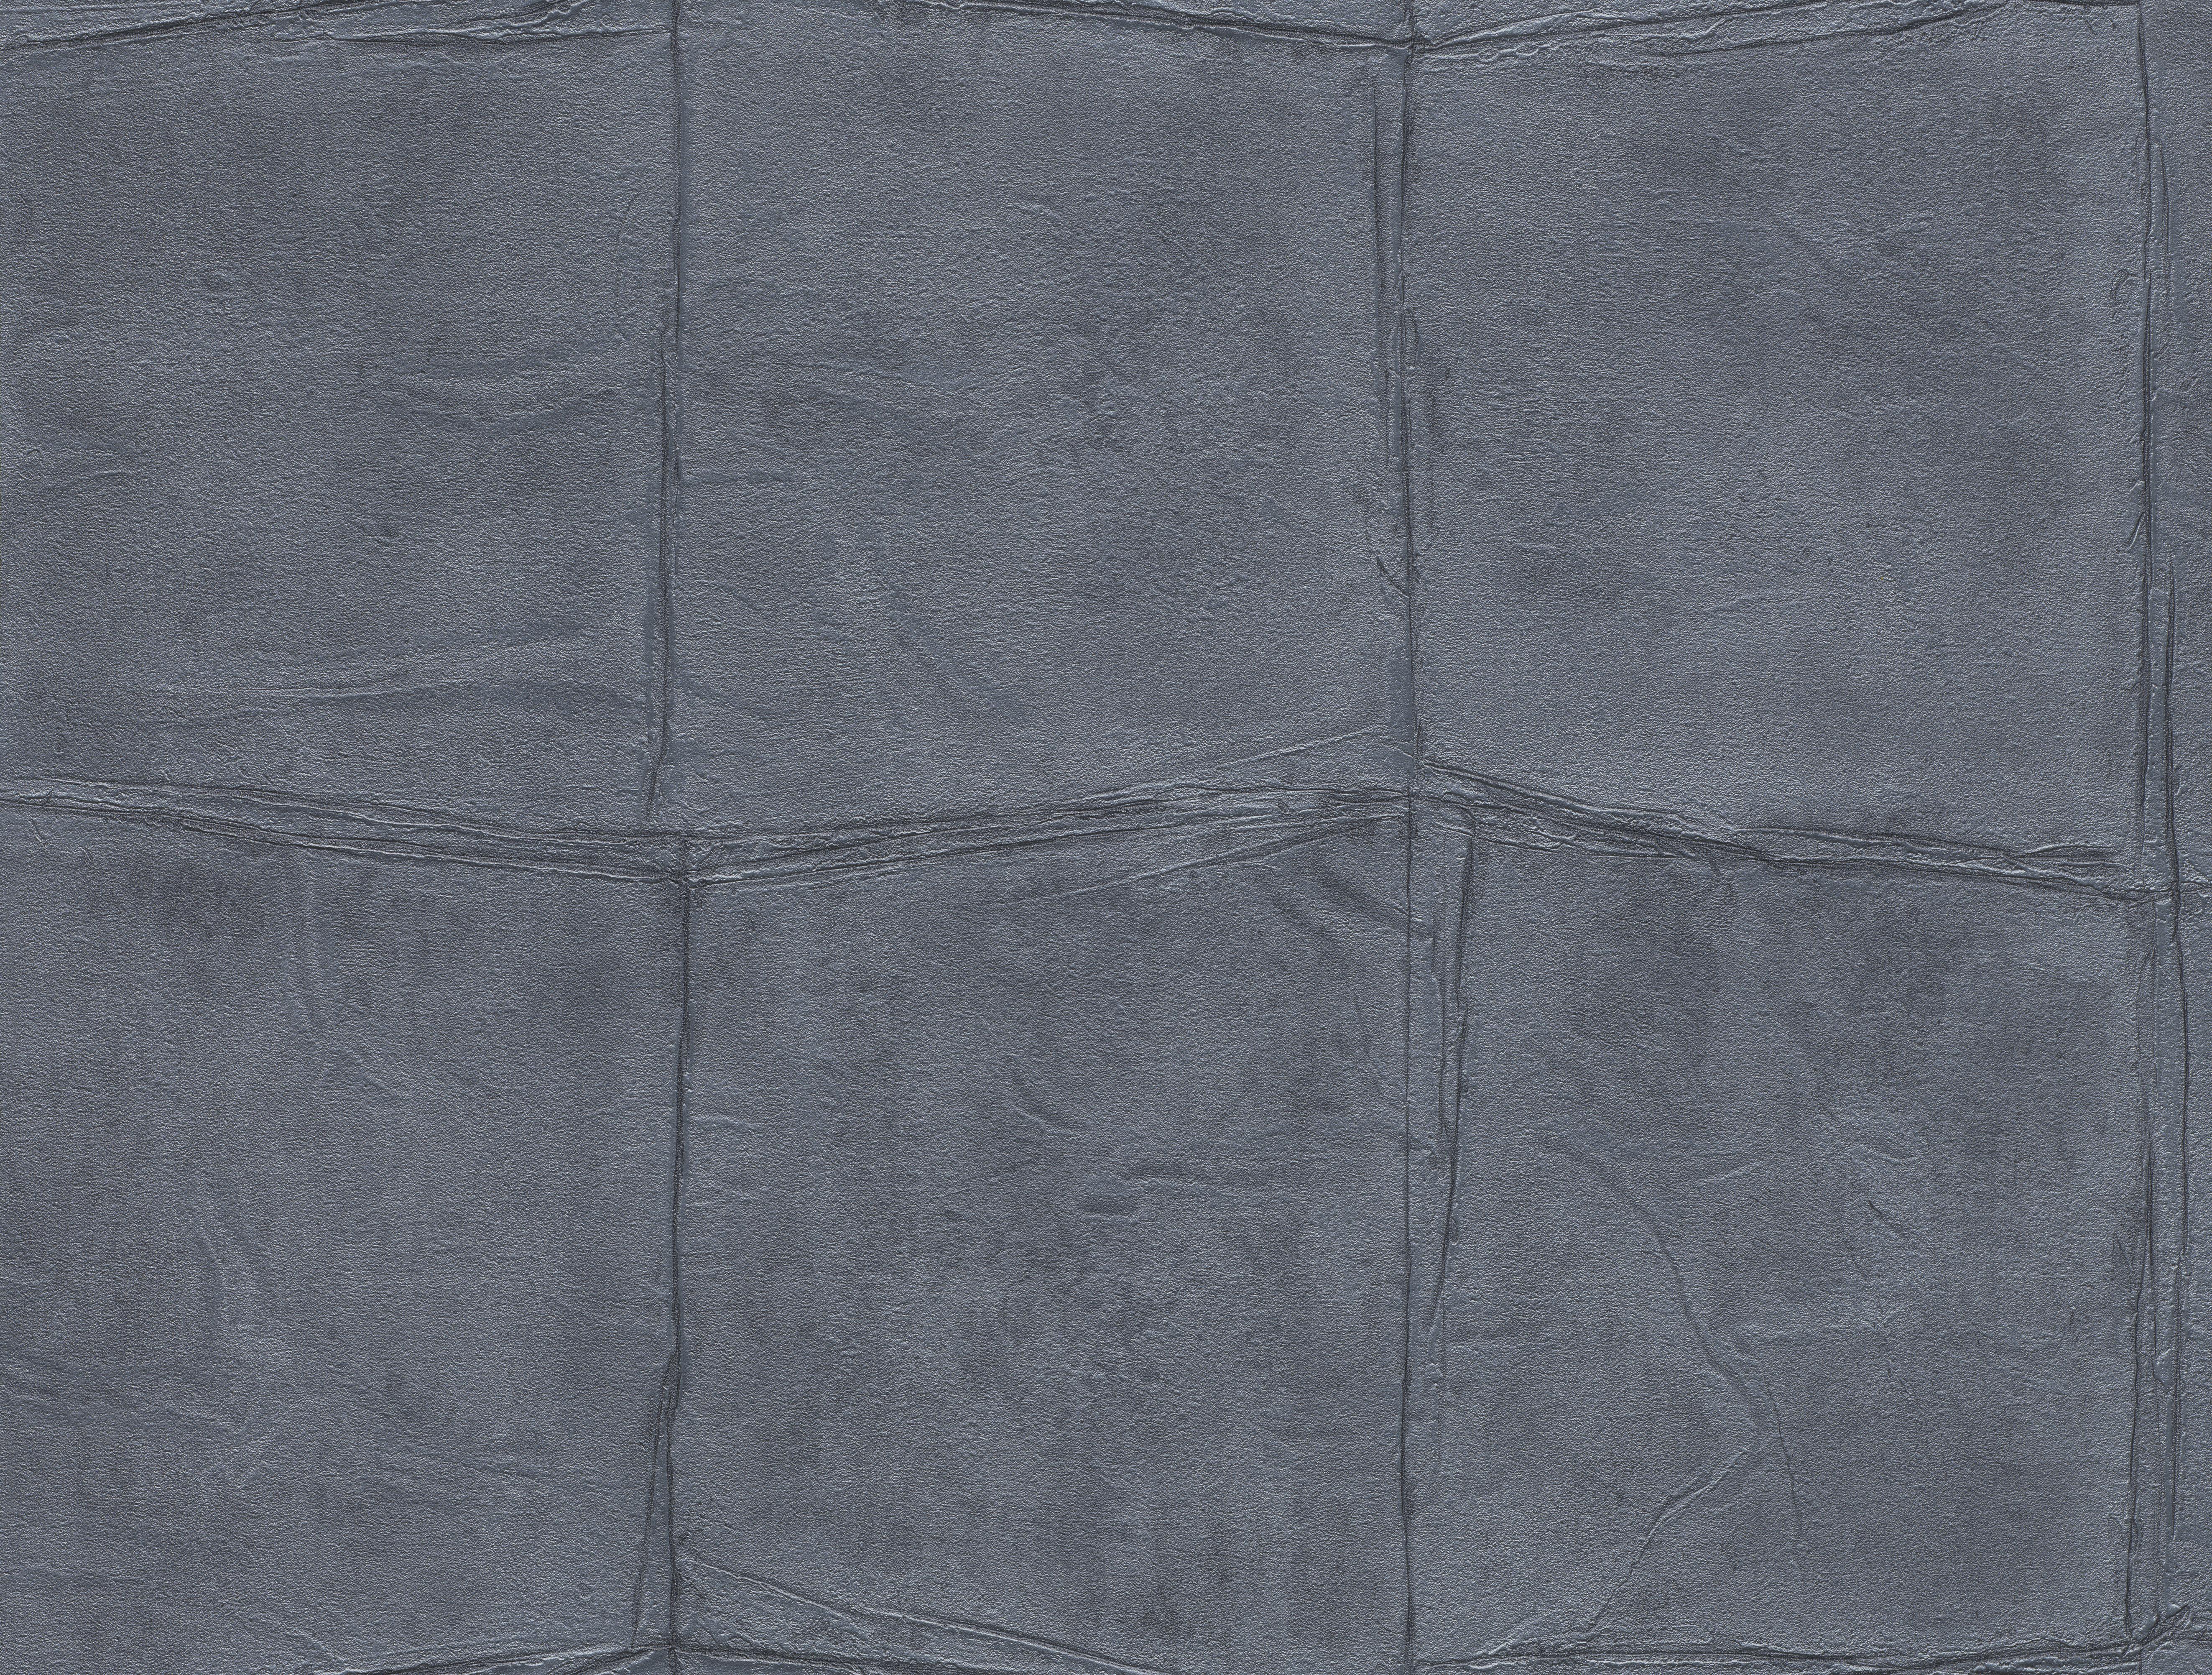 Sötétkék bőrhatású tapéta gyöngyházfénnyel